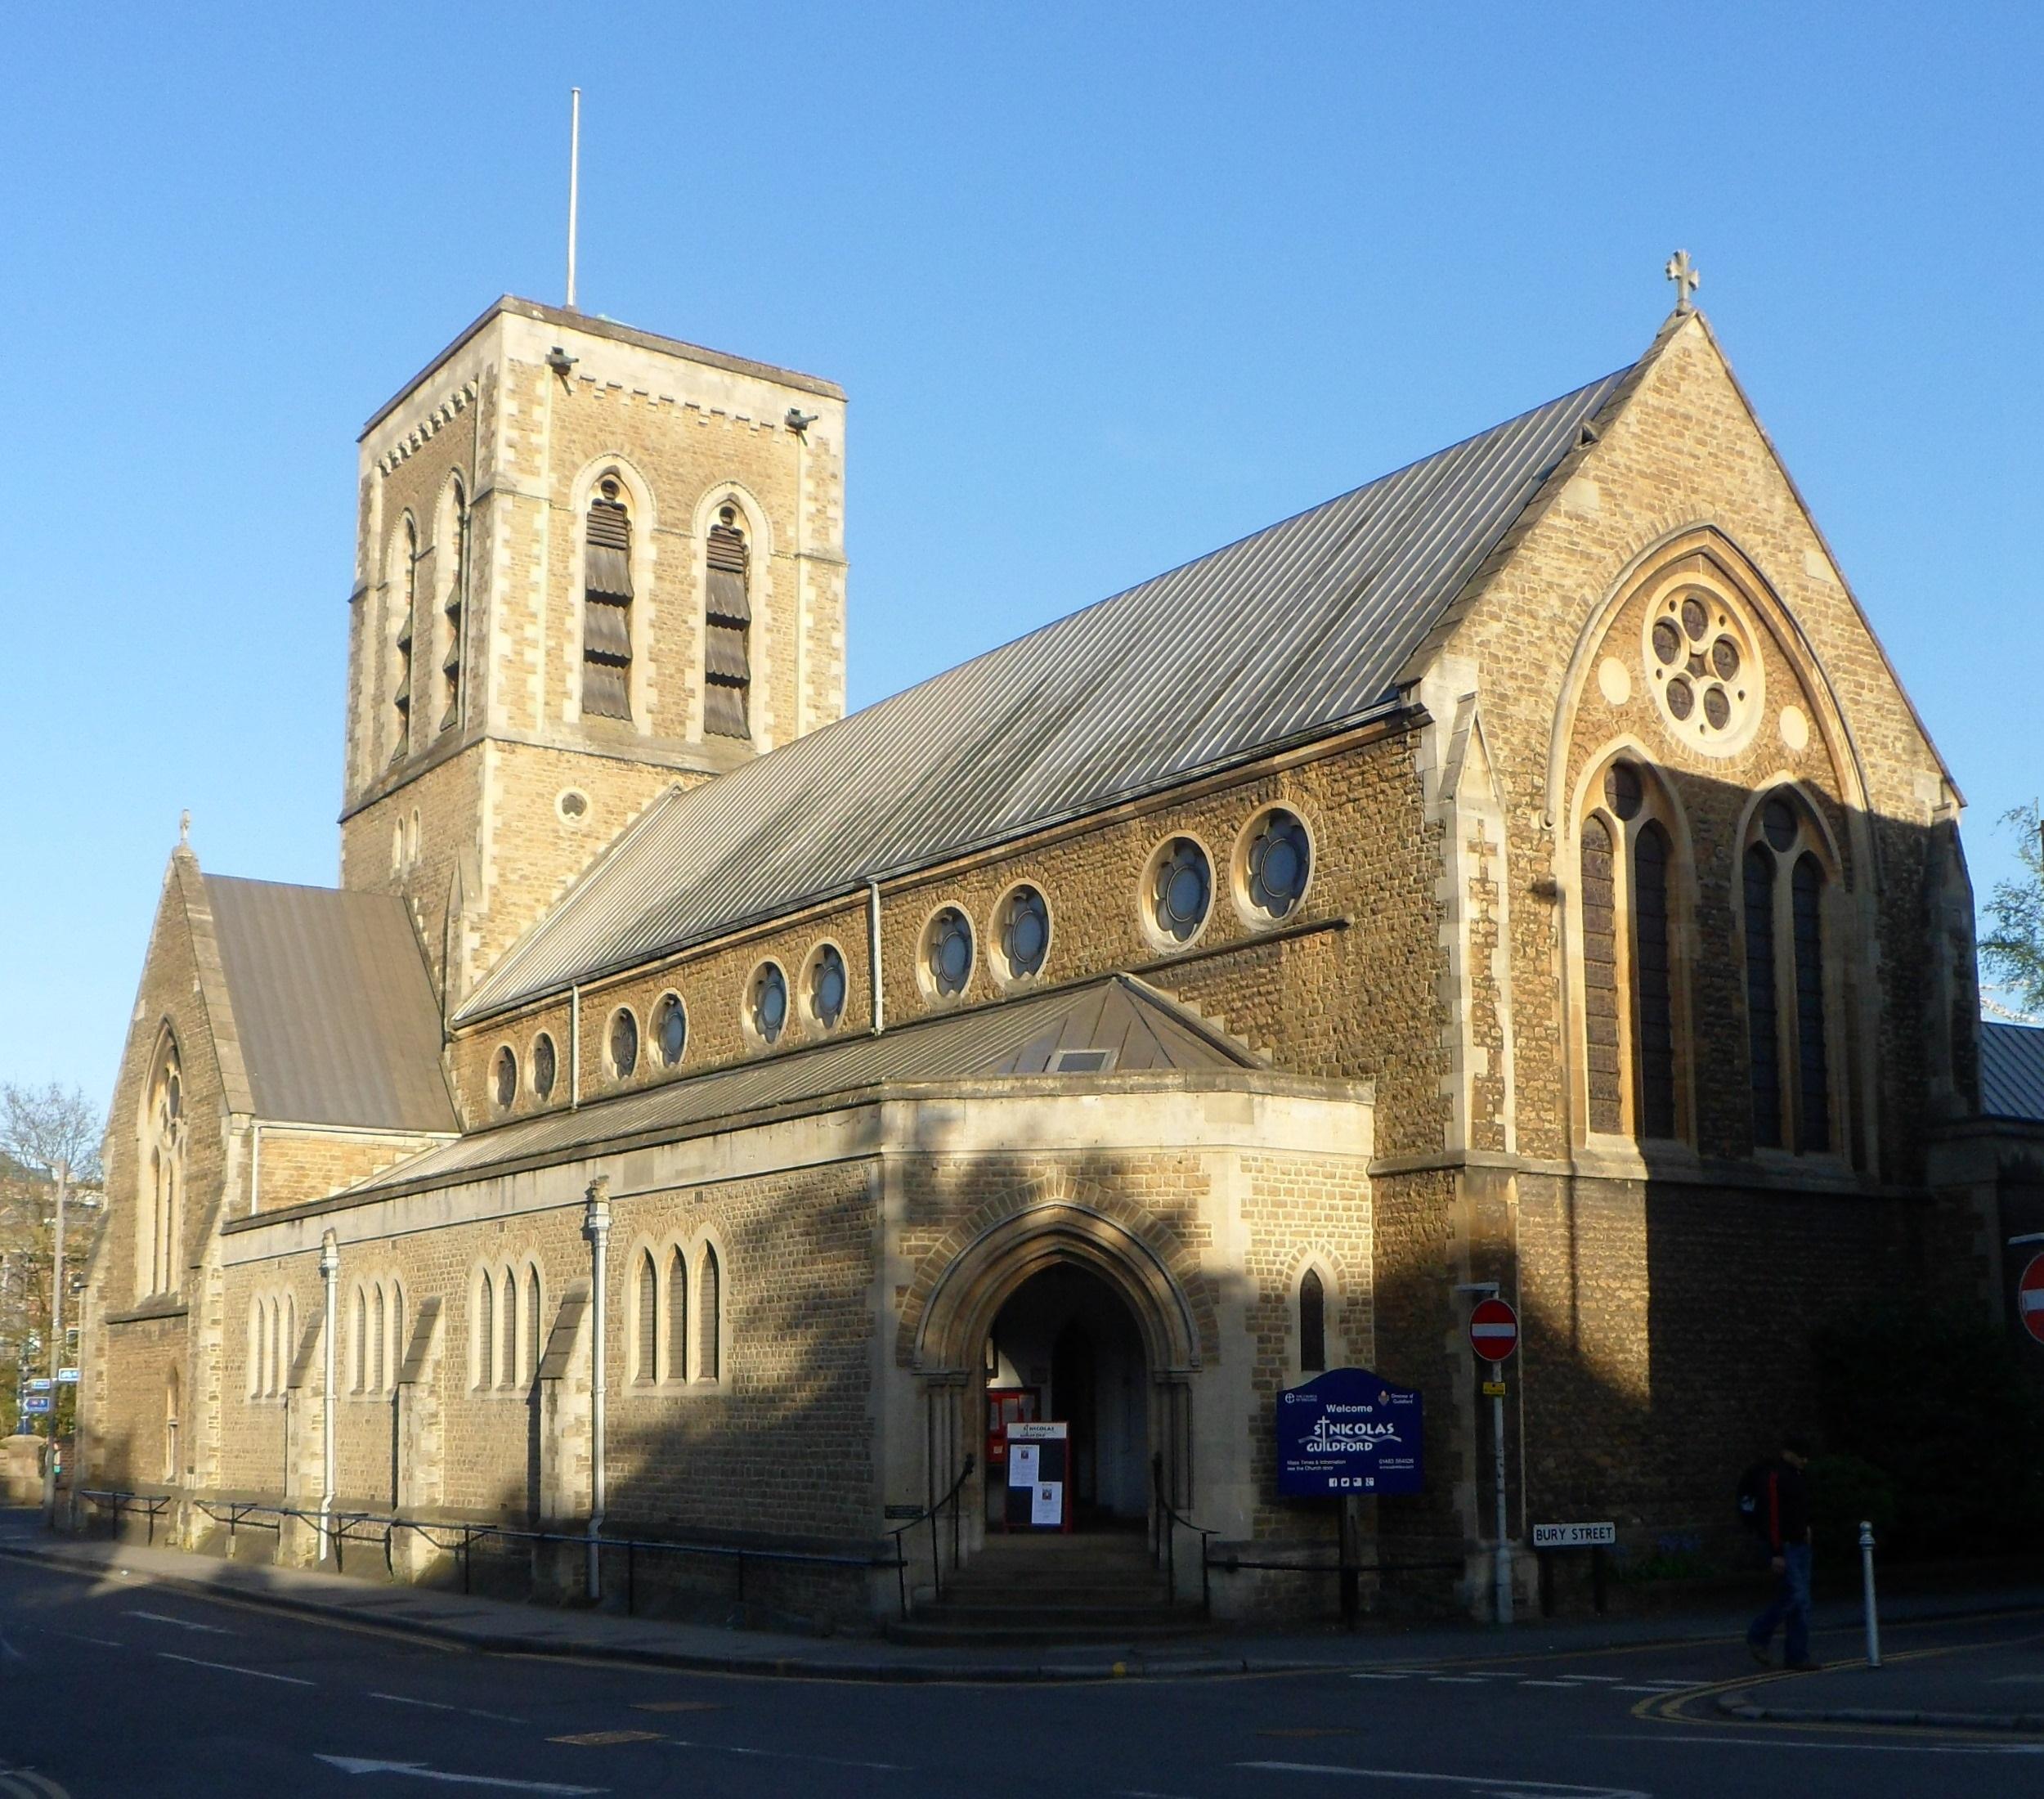 St church nicholas pictures best photo